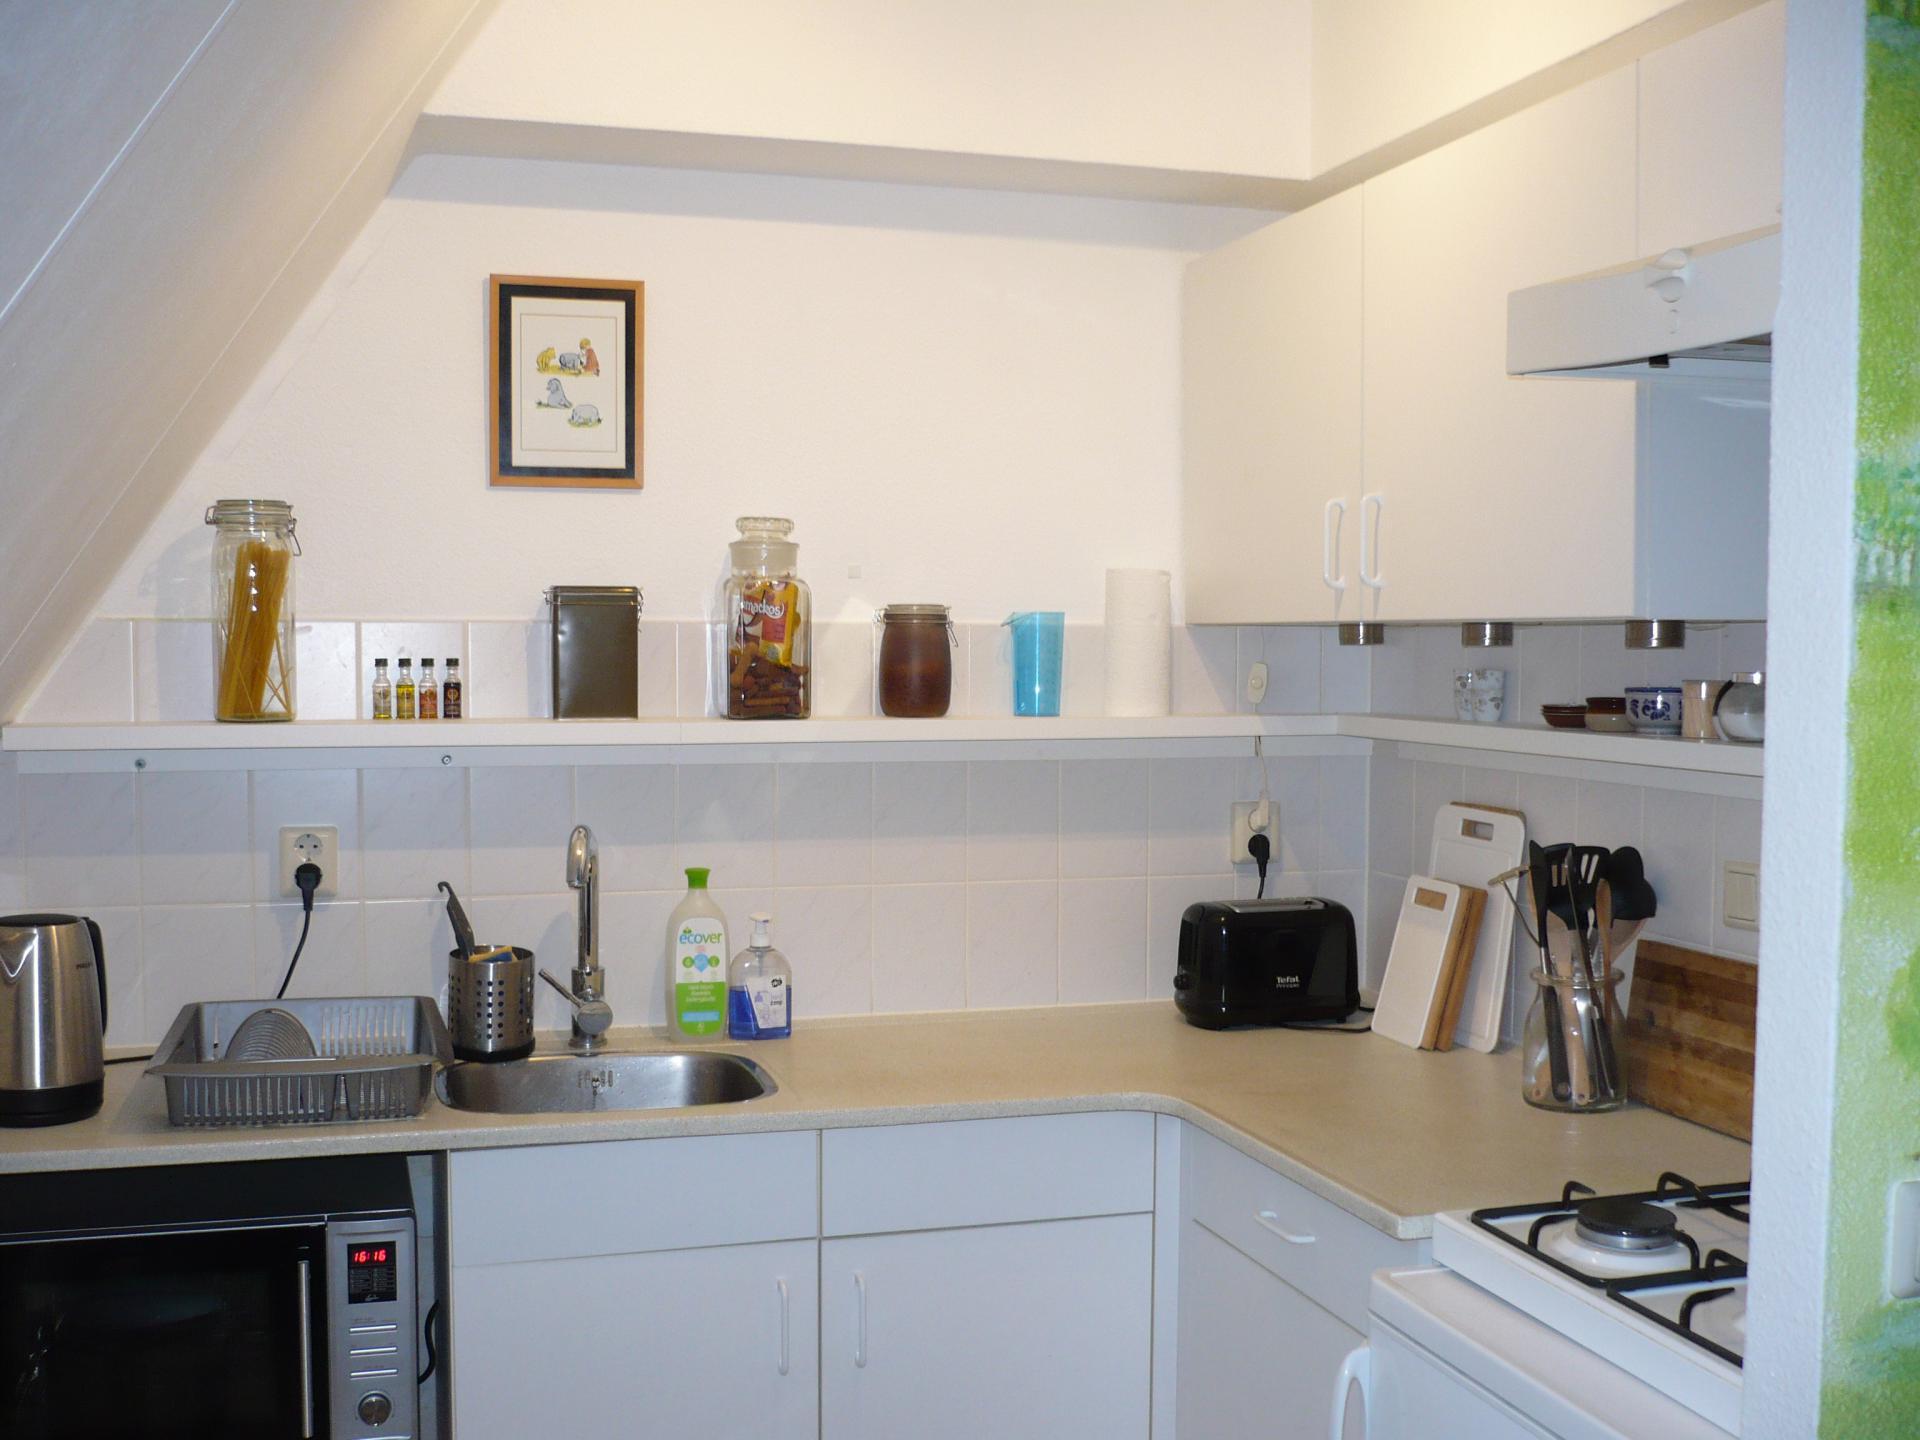 mooie keuken natuurhuisje 153